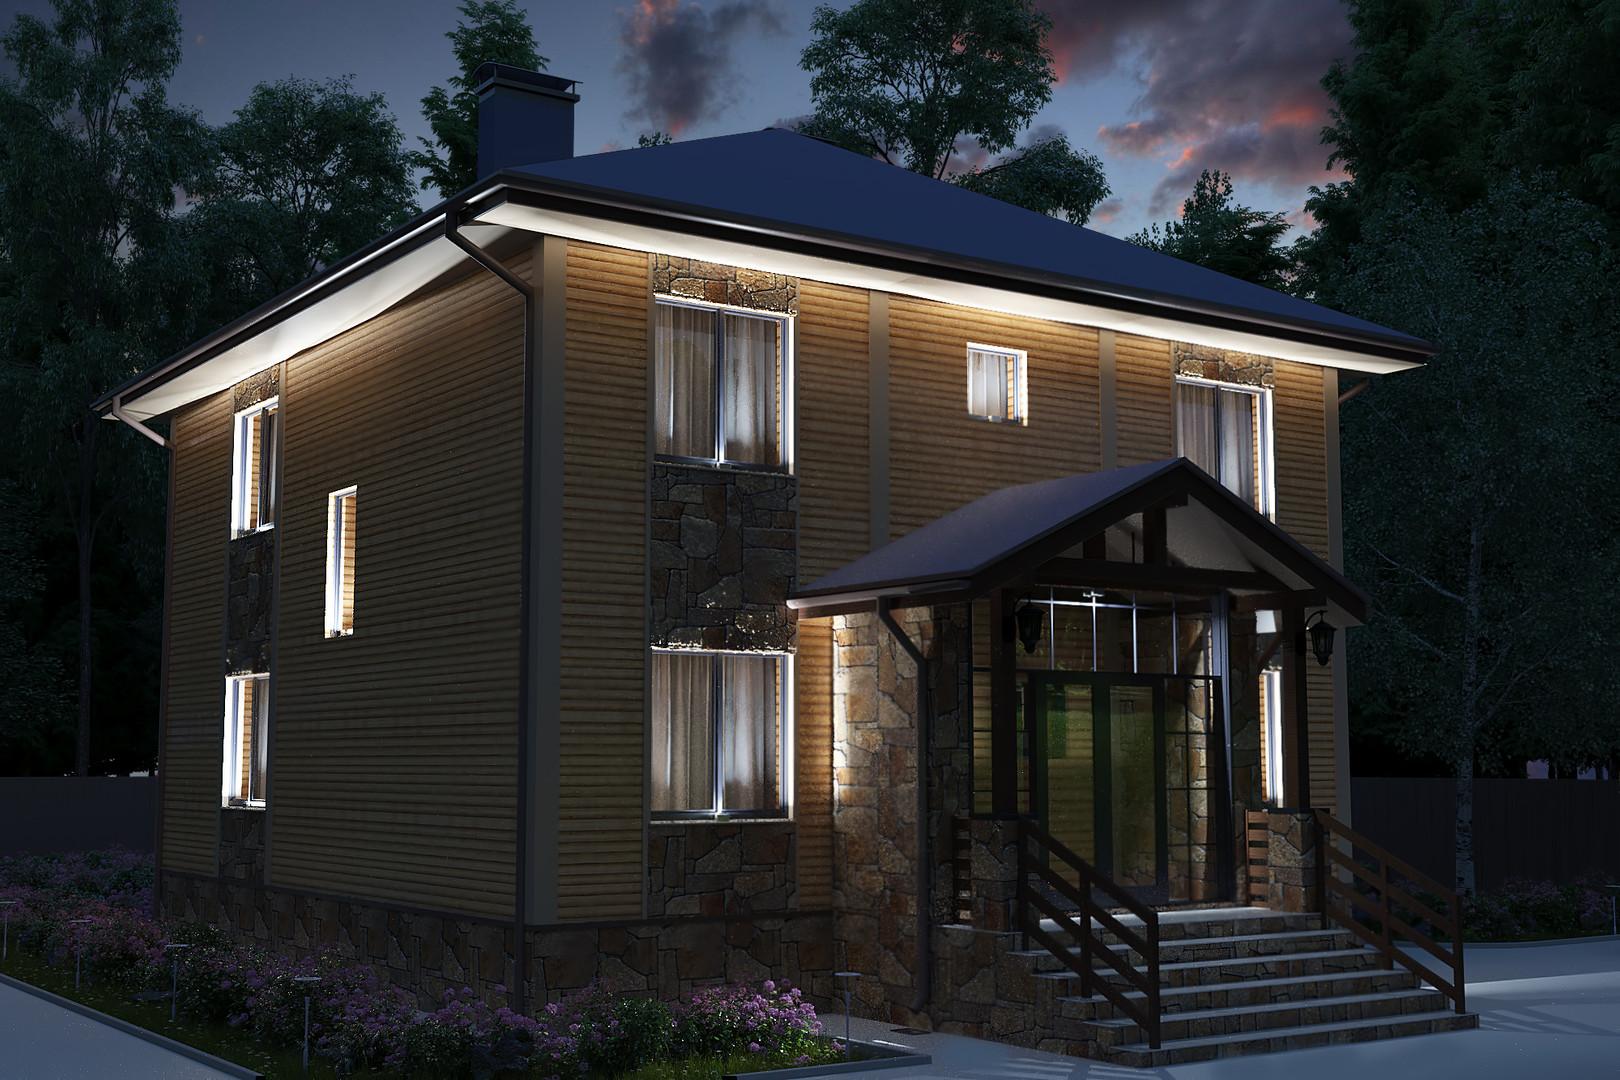 Светильники для дачи или загородного дома CERTUS Lighting